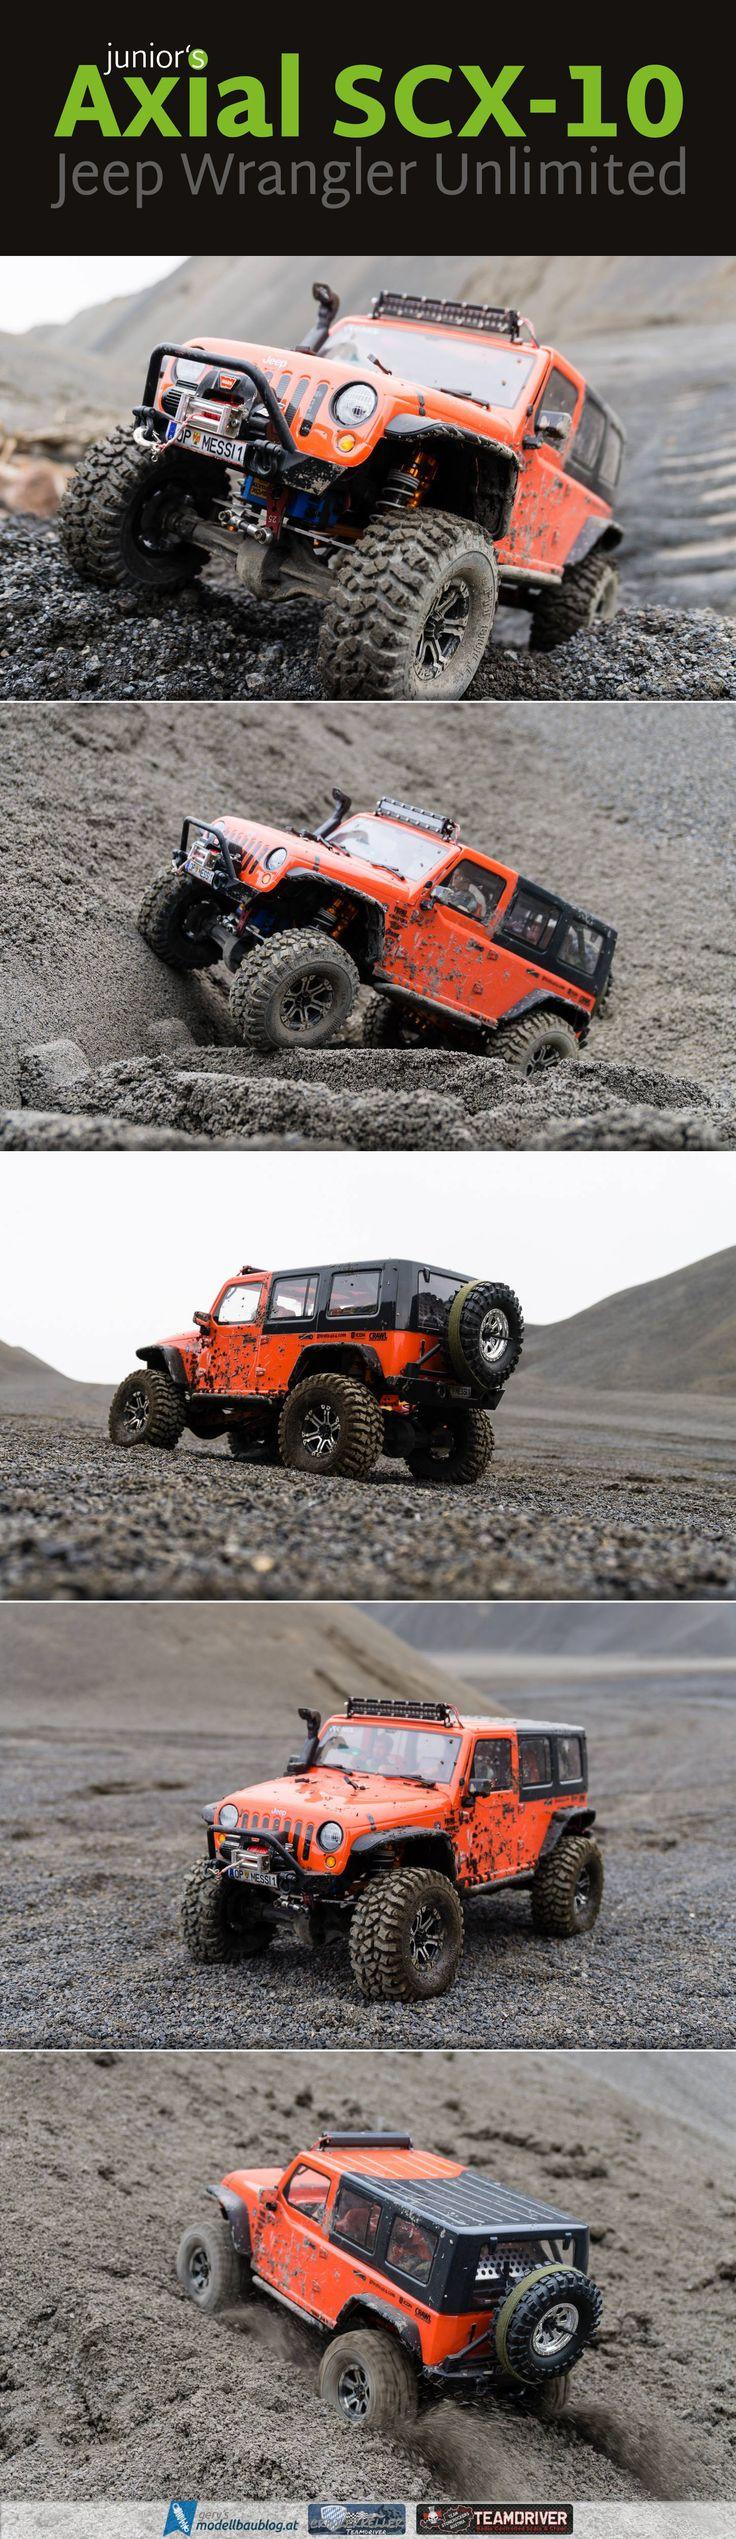 """Junior's Axial SCX-10 """"Jeep Wrangler Unlimited Rubicon"""" @axialrc #scx10 #offroad #jeep #wrangler"""